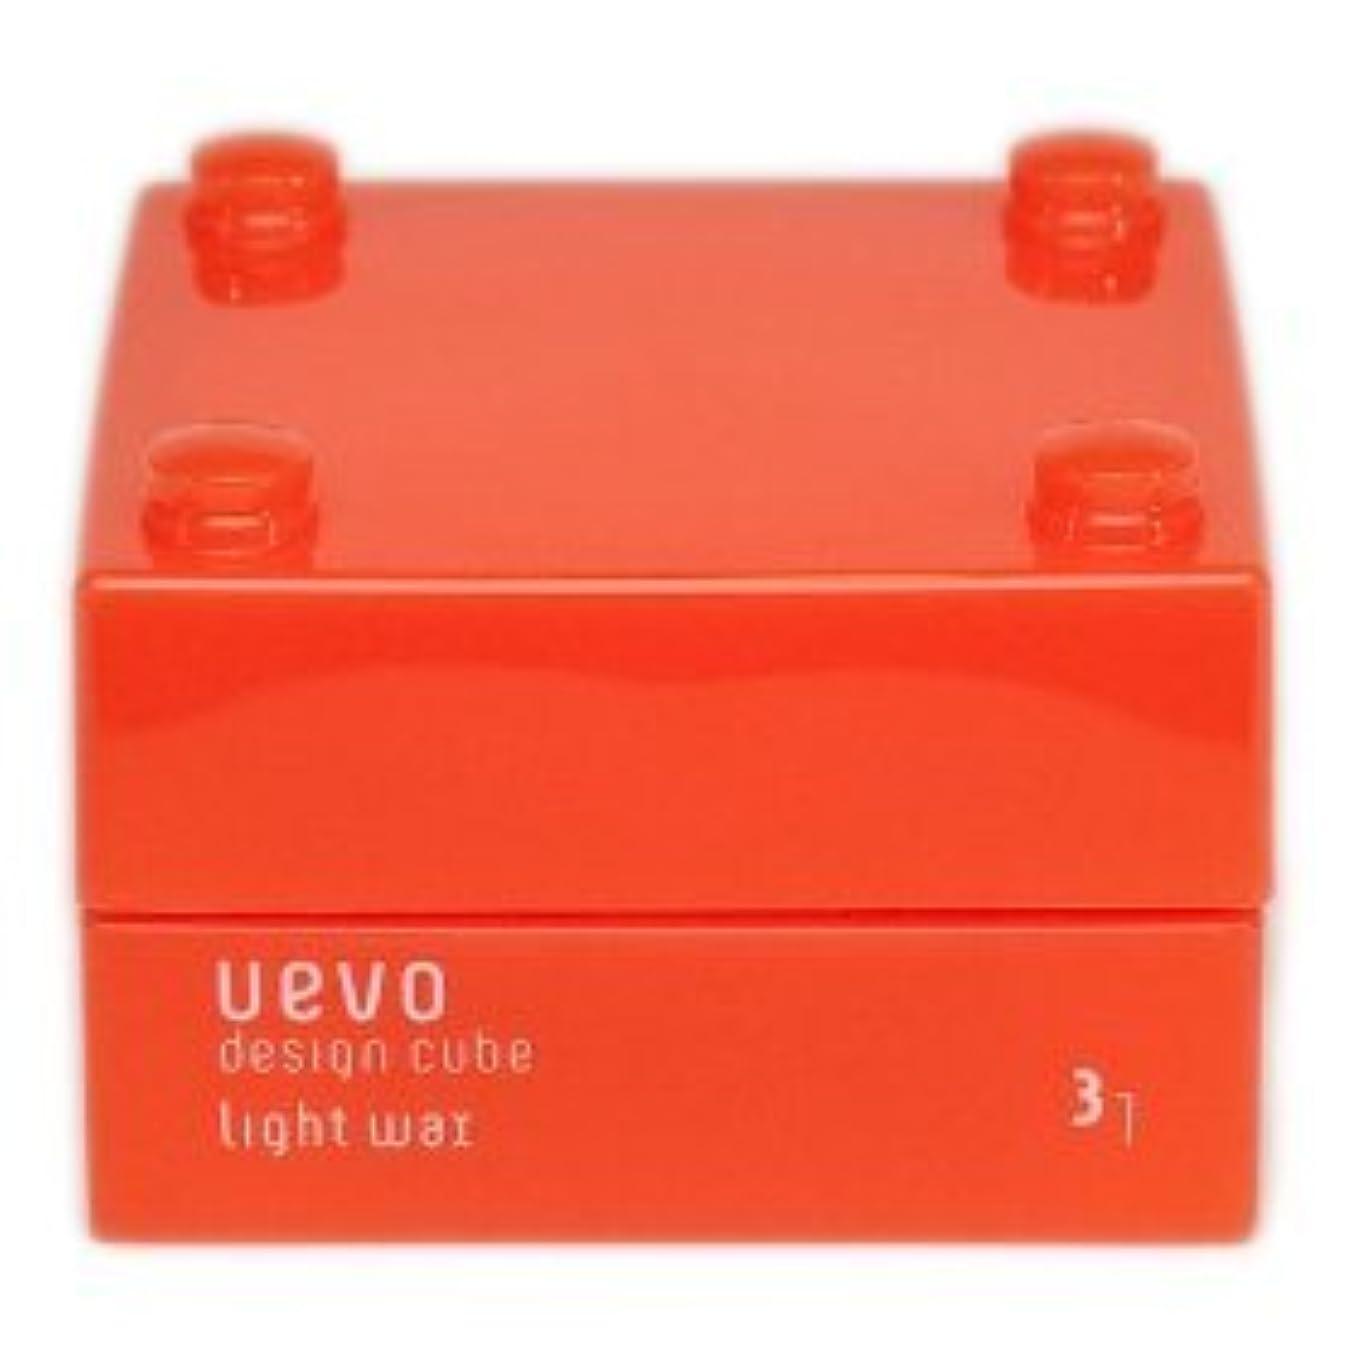 電気ゆるい既に【X3個セット】 デミ ウェーボ デザインキューブ ライトワックス 30g